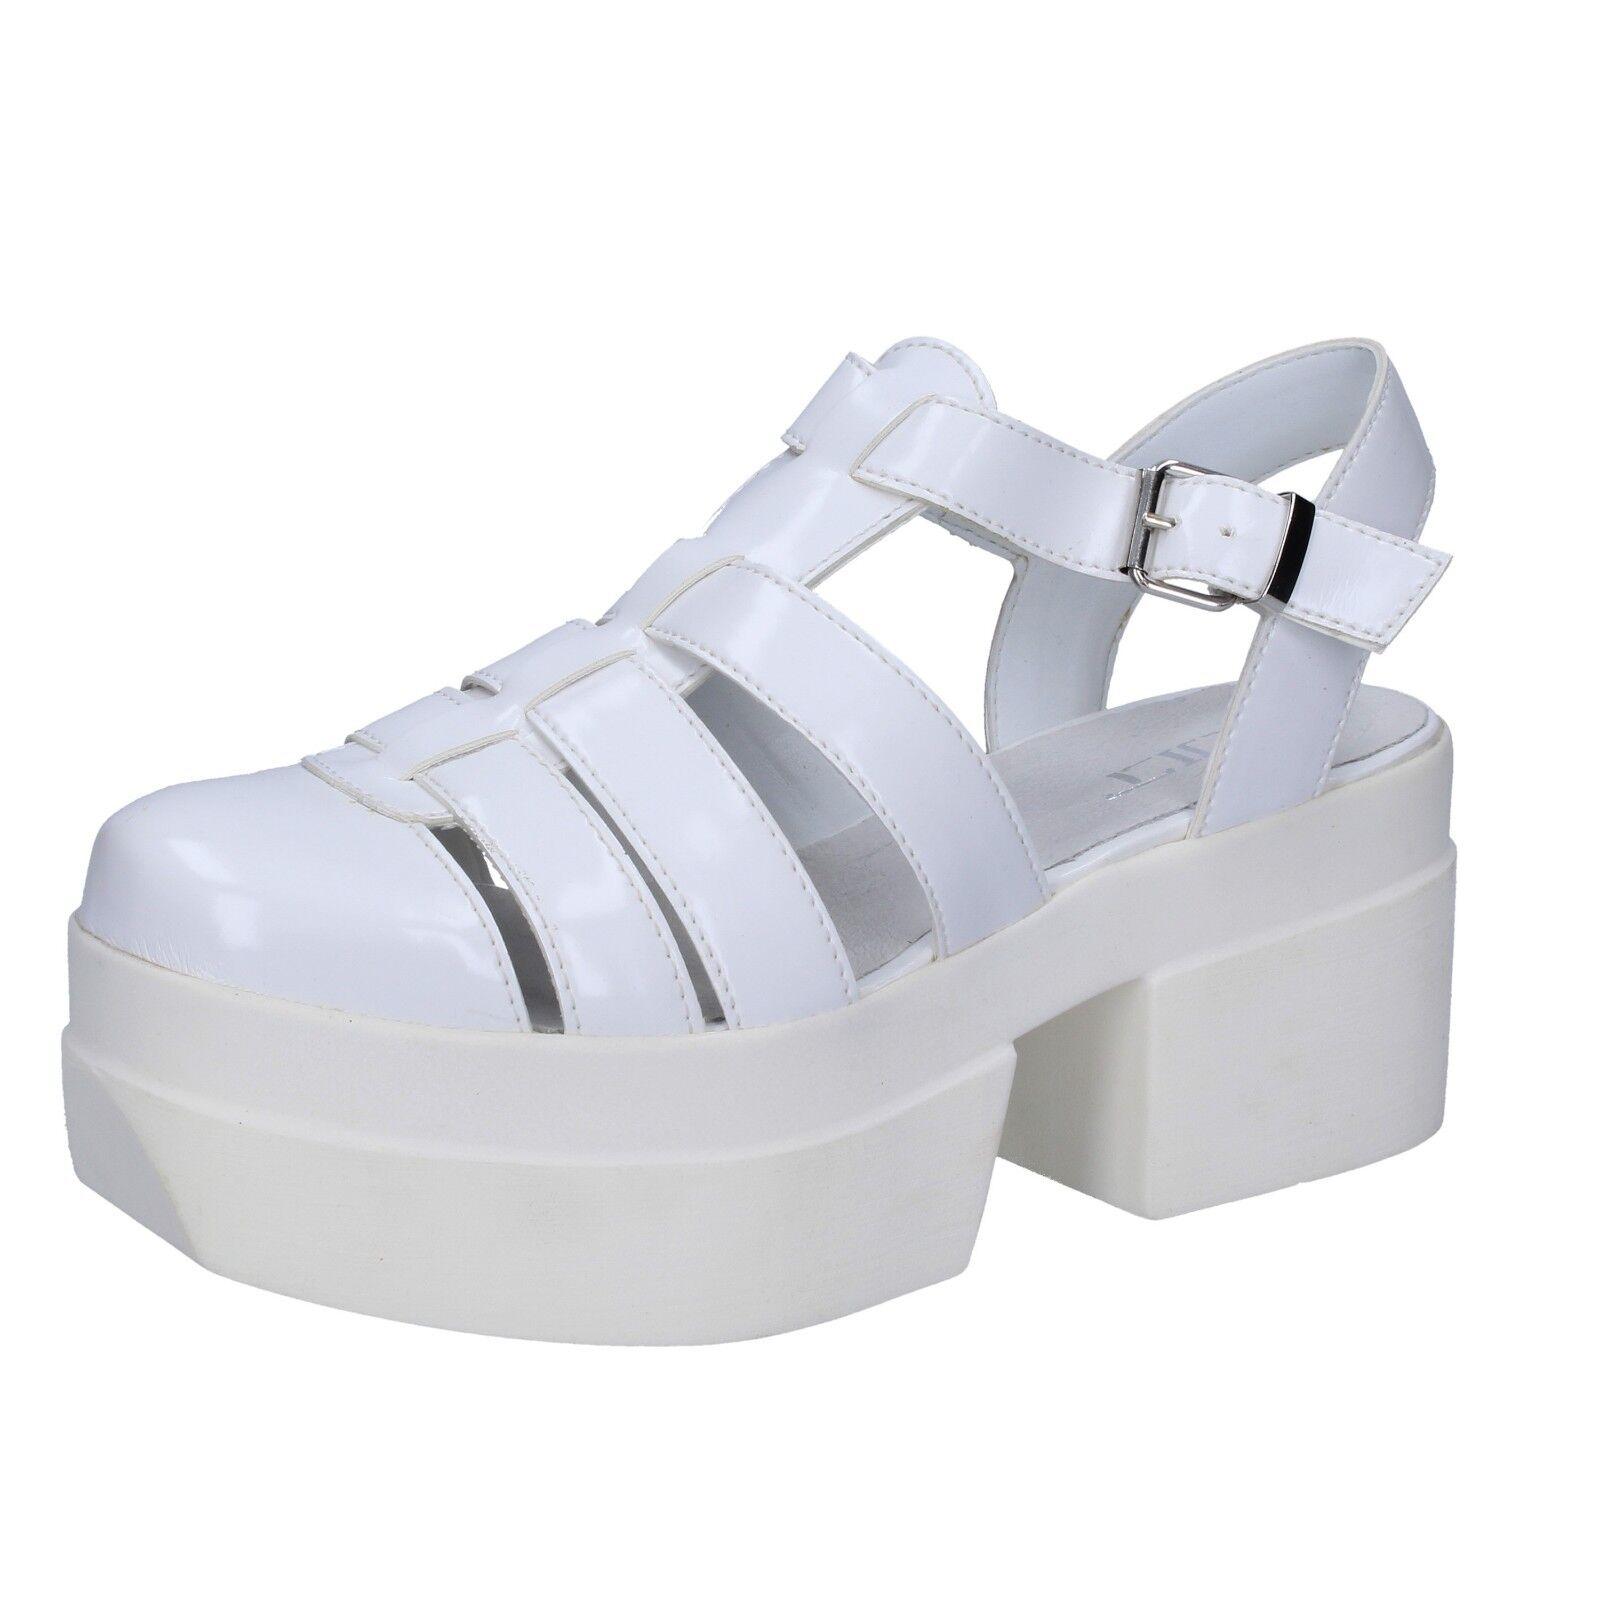 Chaussures Femmes Cult 41 UE Sandales en cuir blanc bt539-41